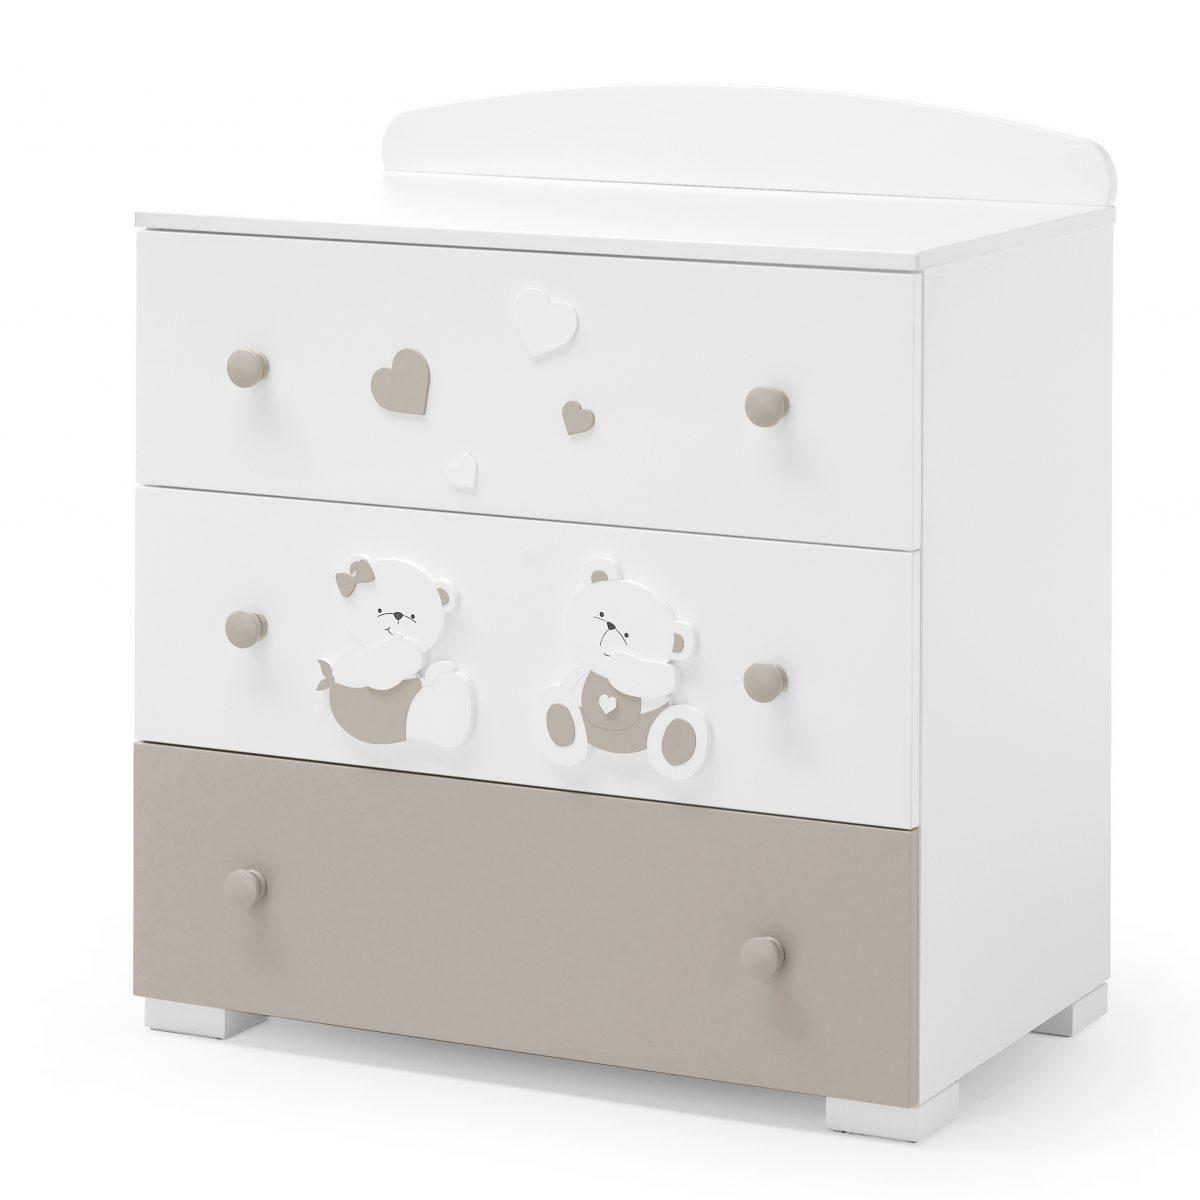 luxusní dětský nábytek - designová komoda Mirtillo